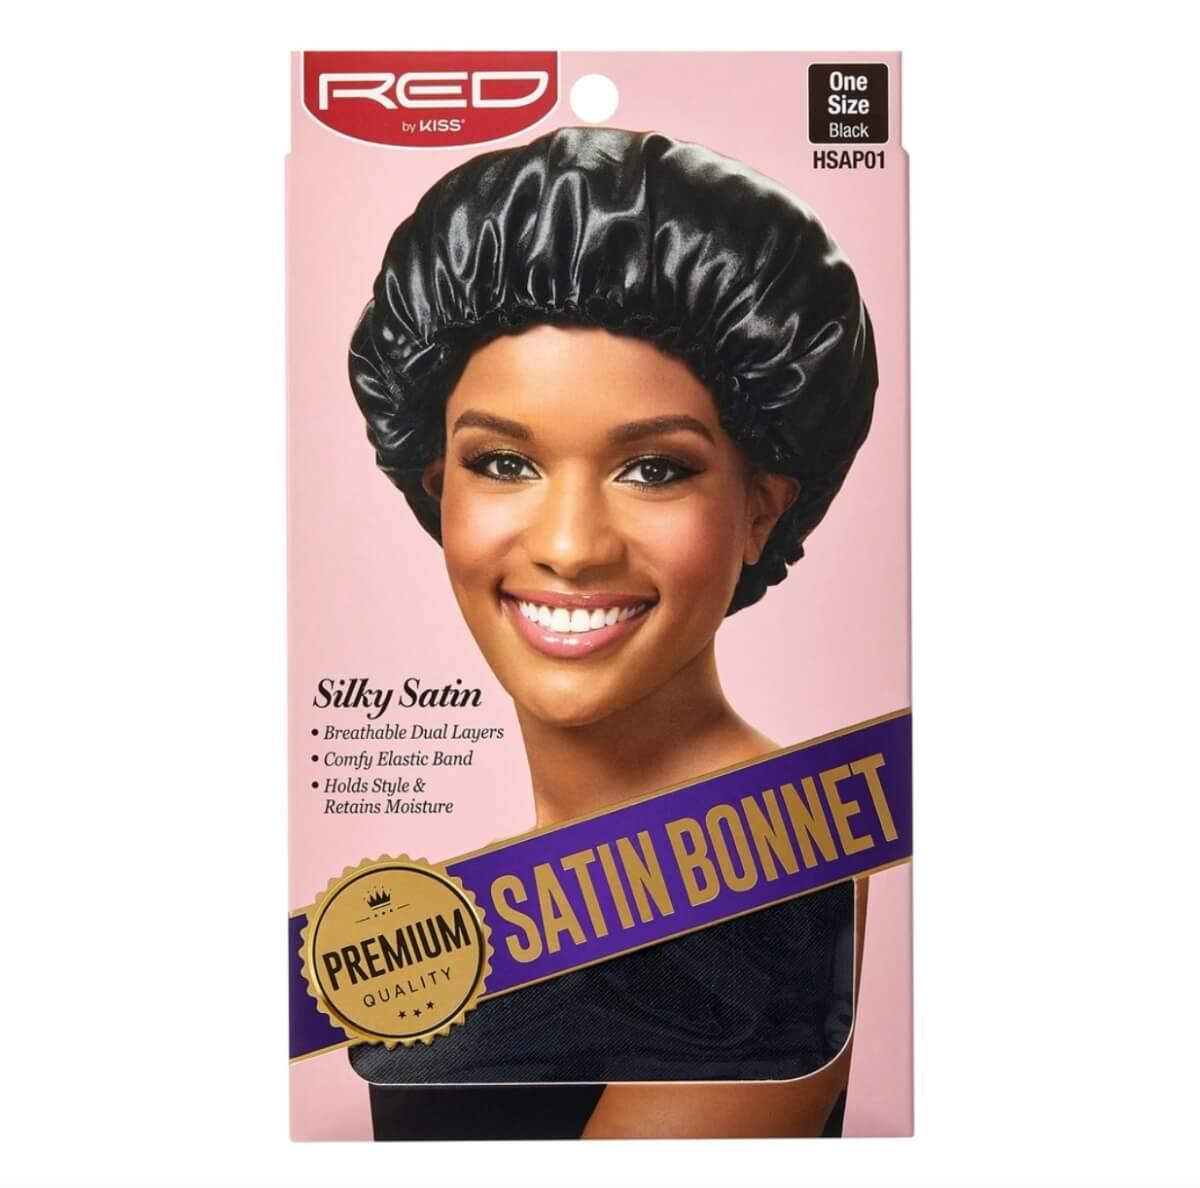 silky satin hair bonnet